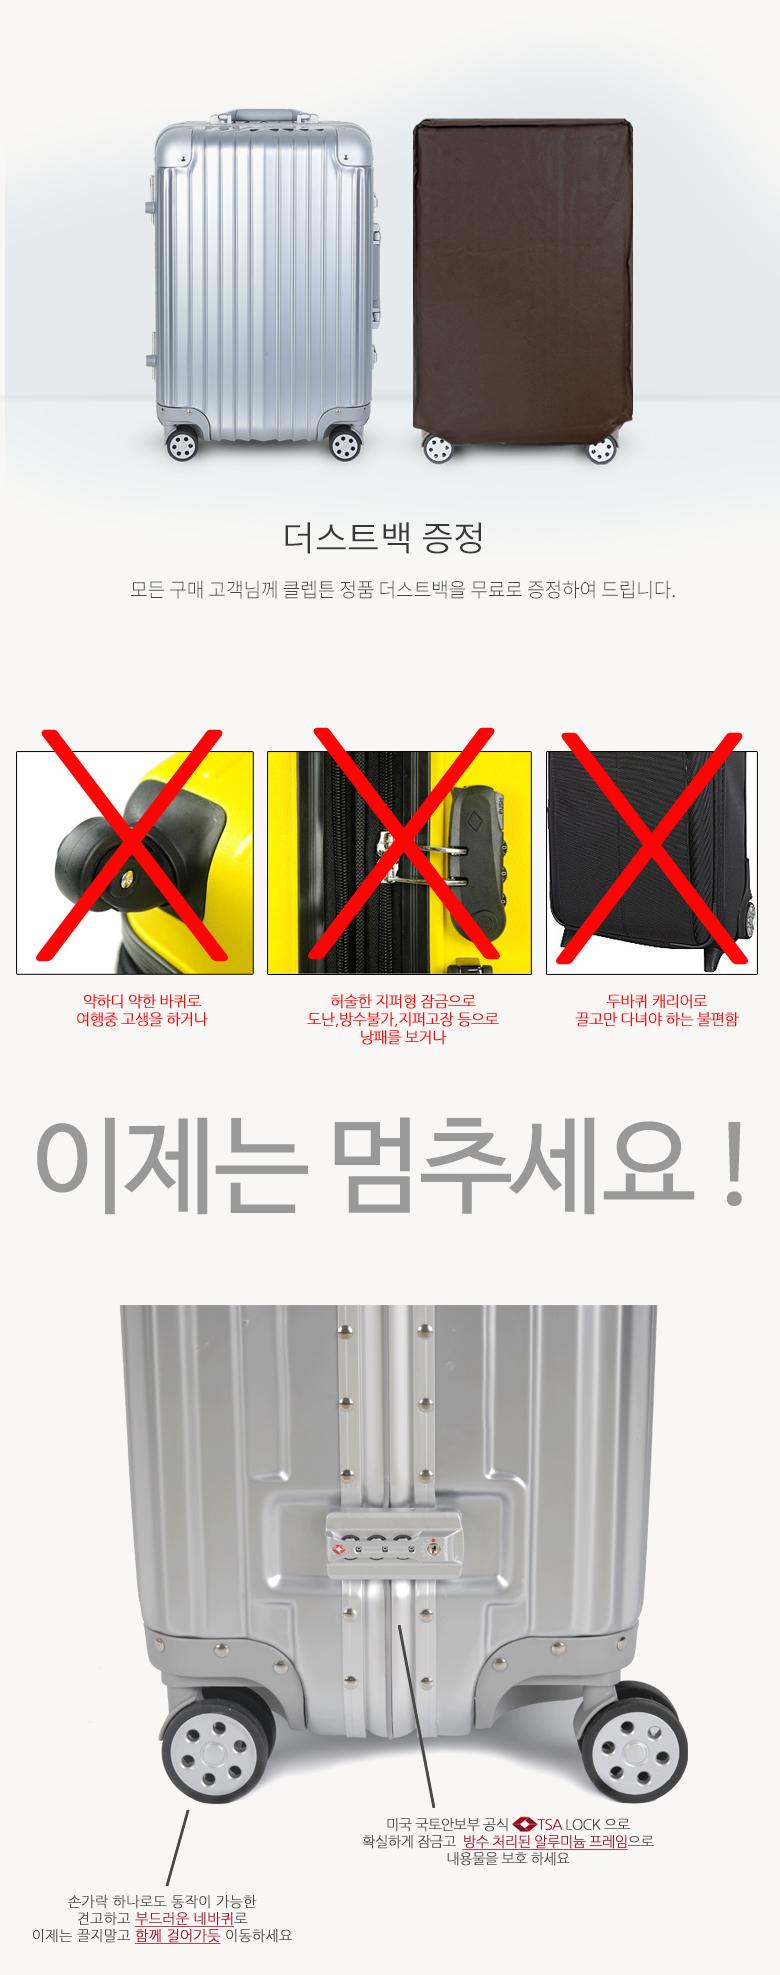 클렙튼 알루미늄프레임 여행용캐리어 실버 29인치